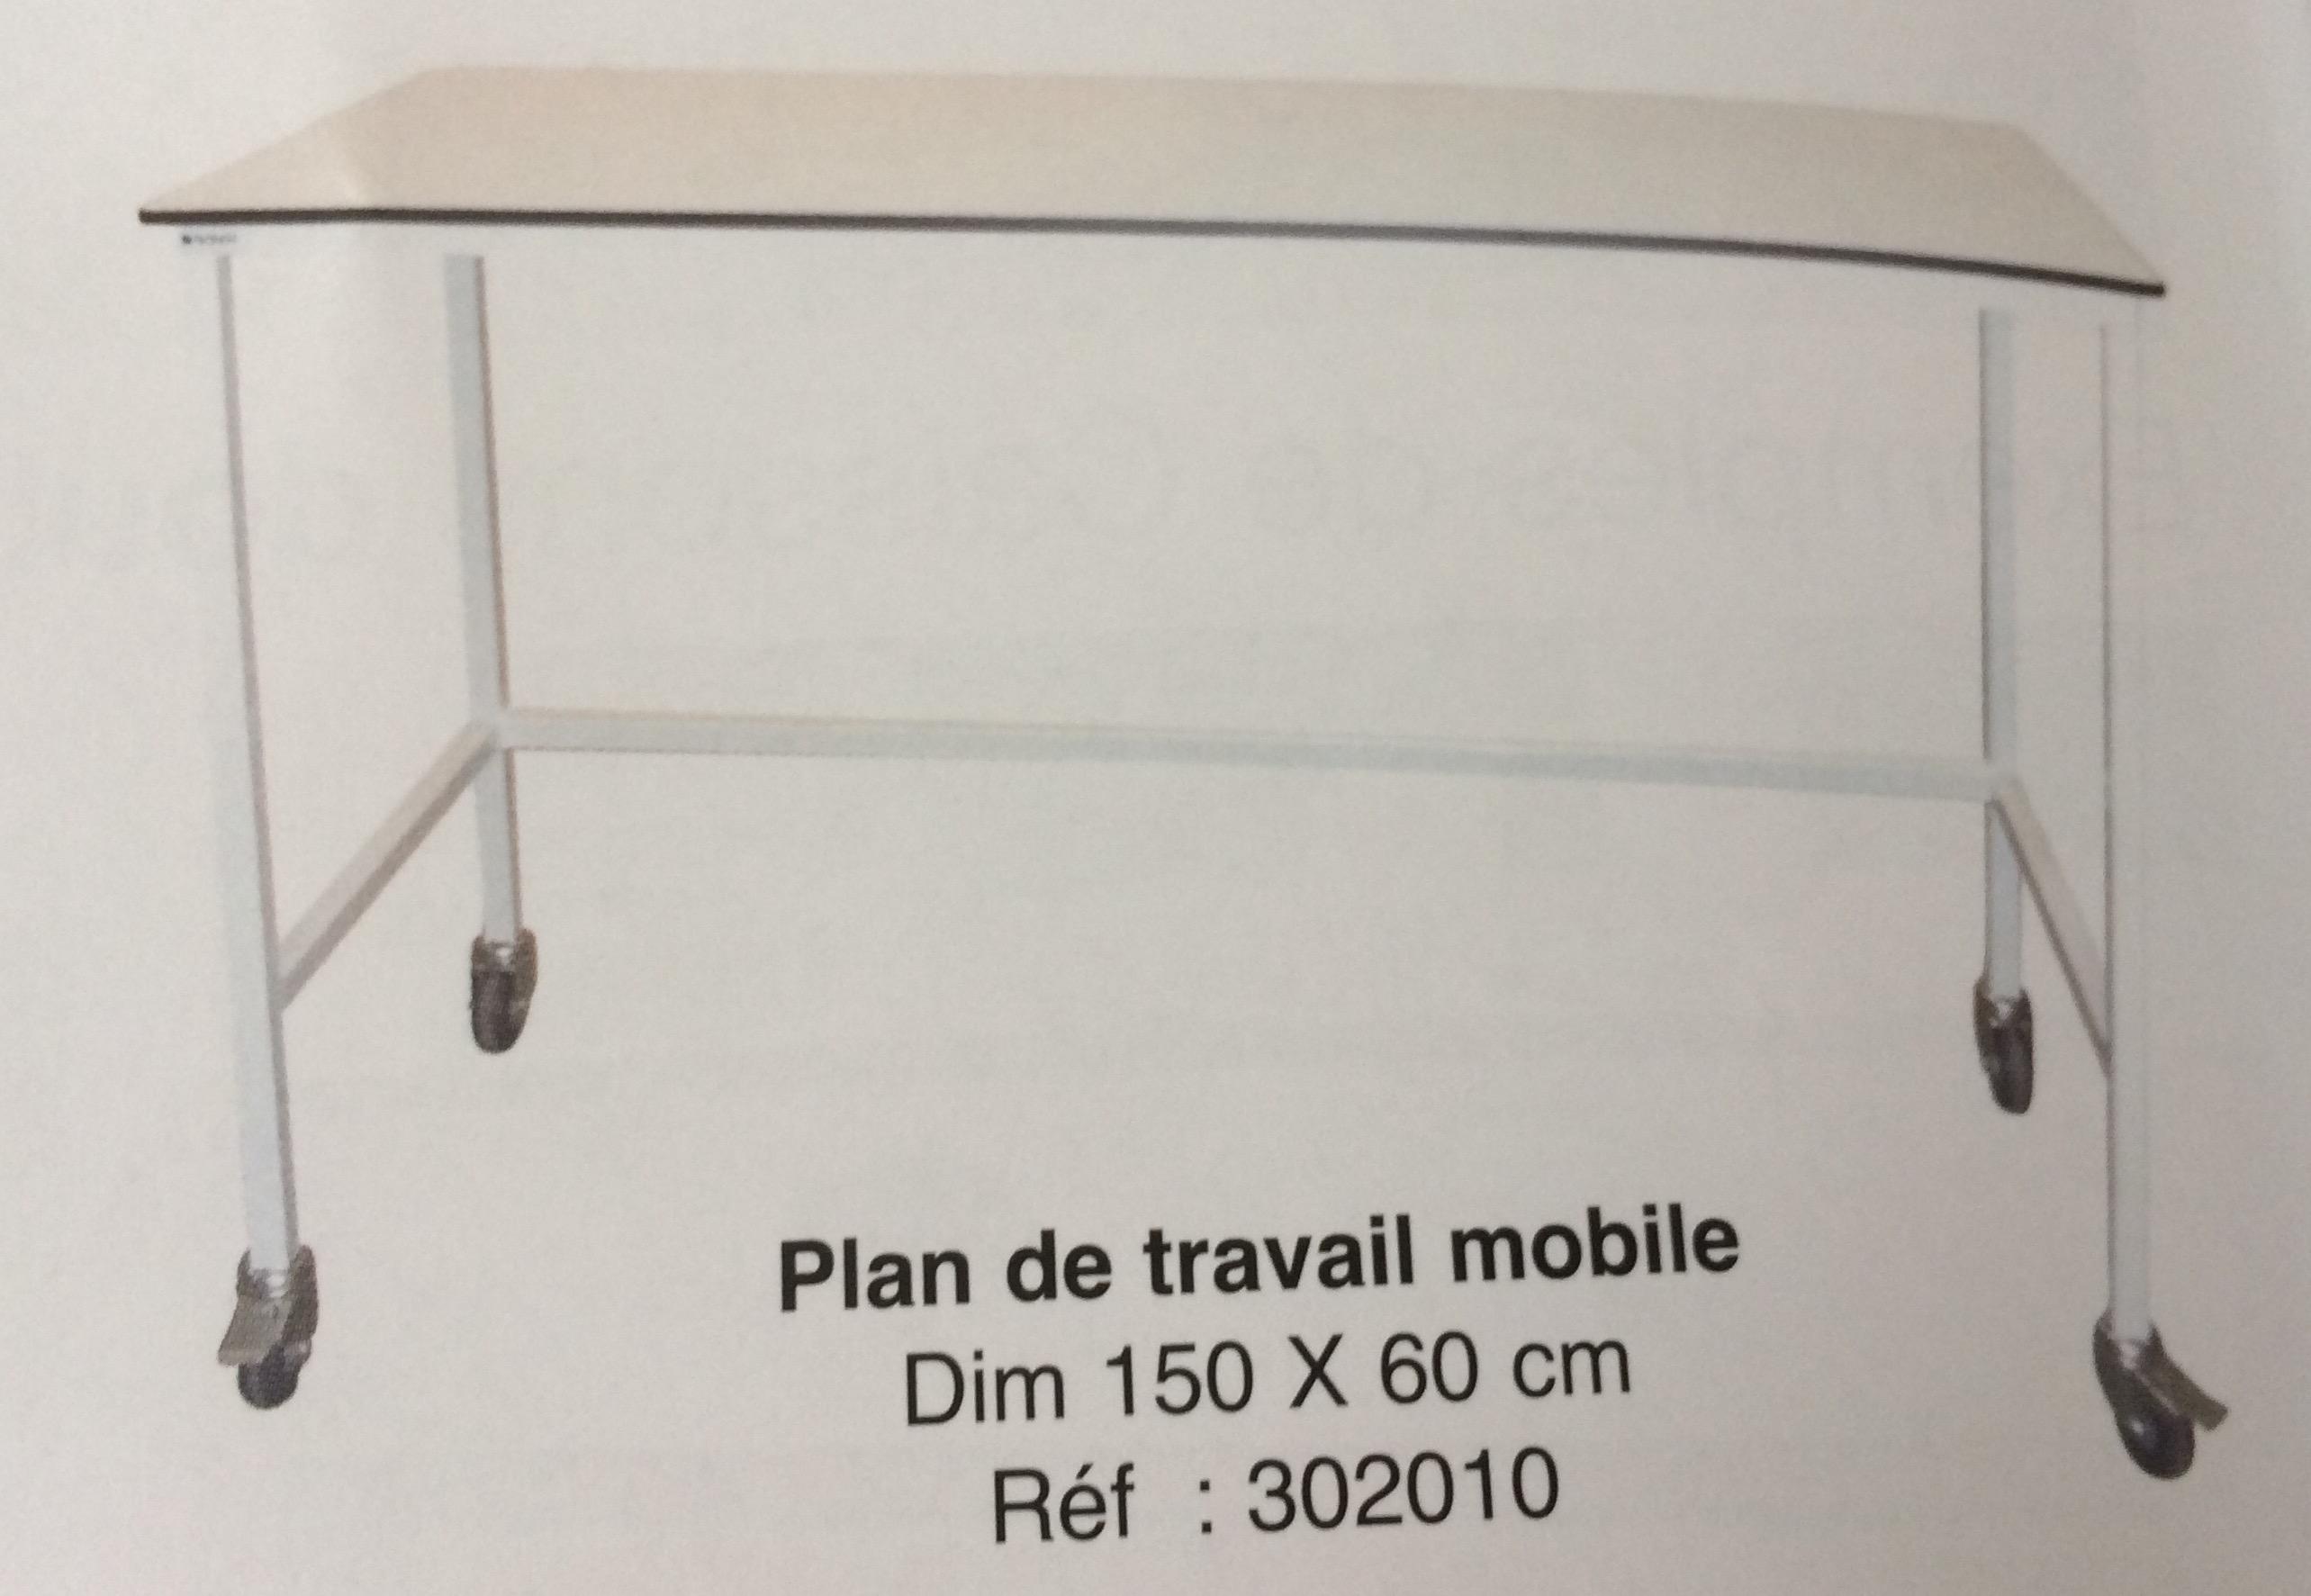 Plan De Travail Mobile orthopale